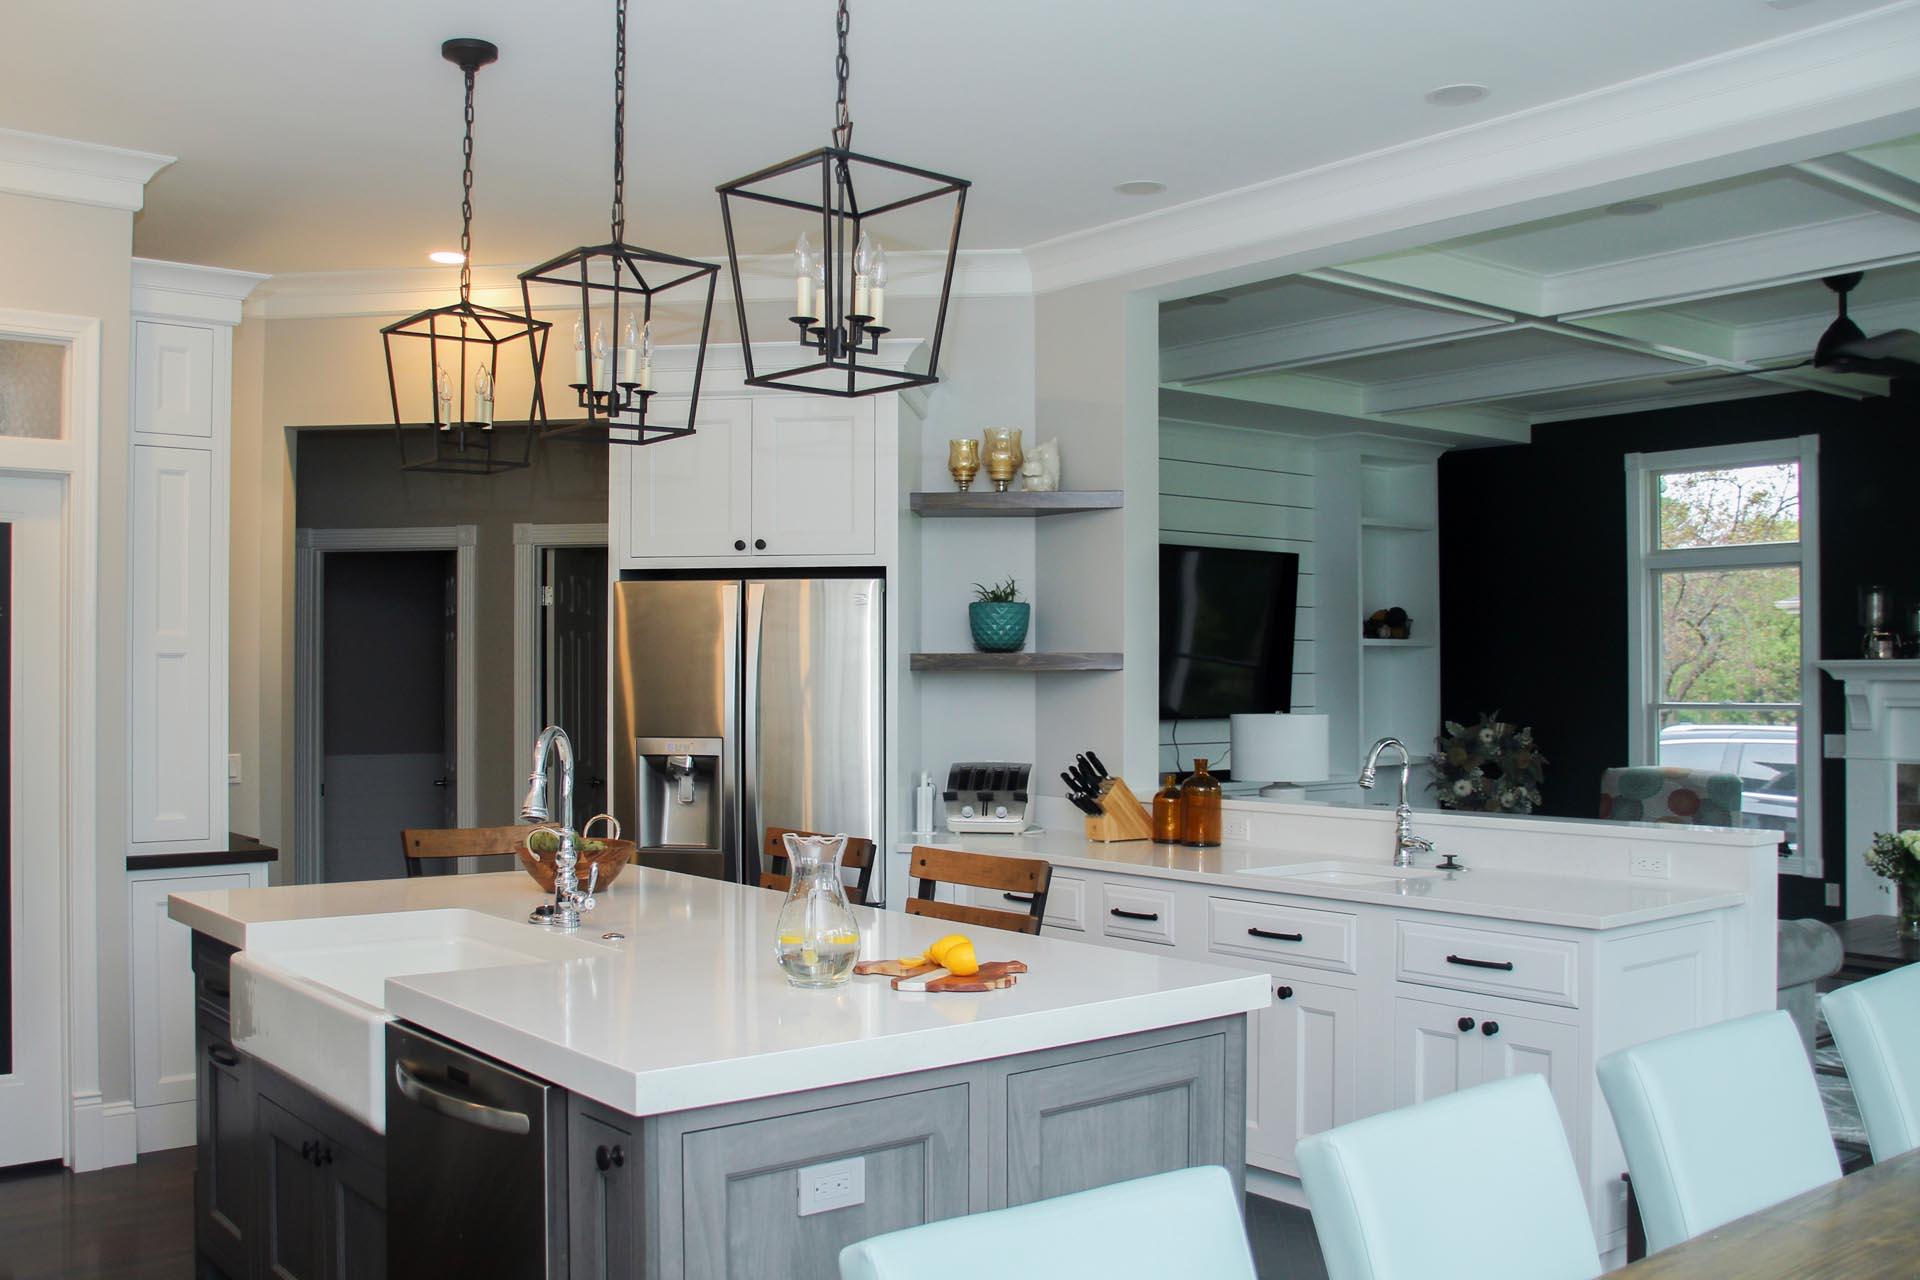 Kitchen Design Farmhouse Apron Sink